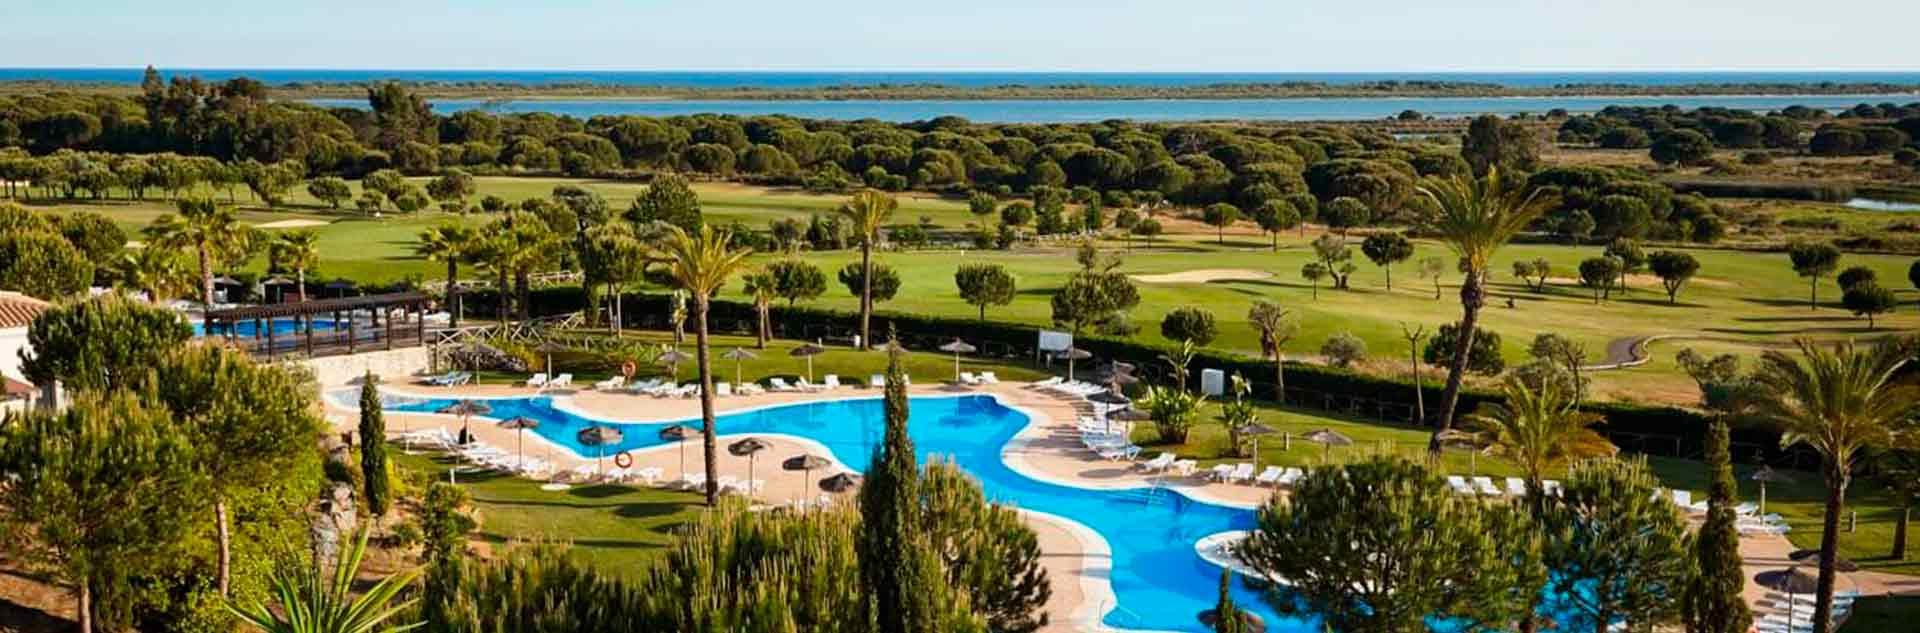 Vistas a las piscinas desde el Hotel 4* de Huelva